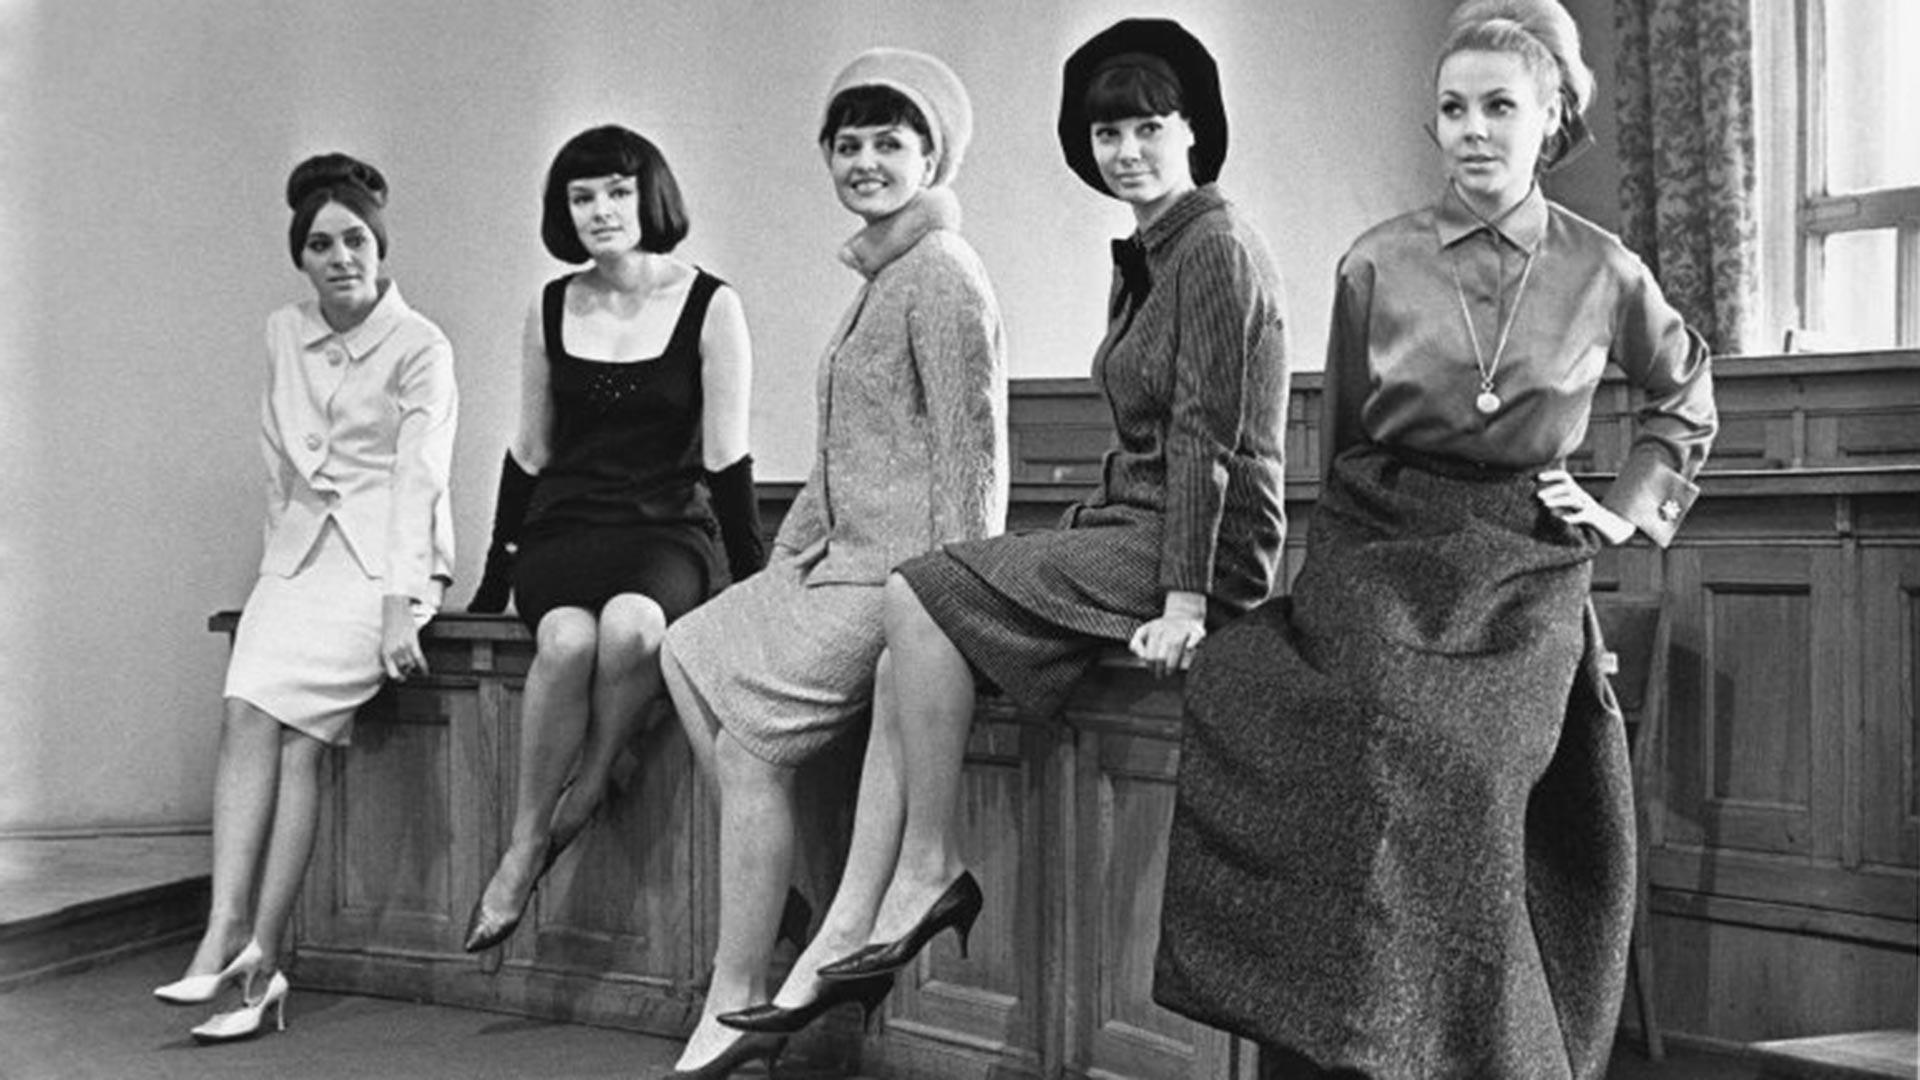 La Casa de Diseño de Moda de Toda la Unión. Las modelos Natalia Kondrashina, Elena Izorguina, Liliana Baskakova, Regina Zbarskaia y Mila Romanovskaia, 1965